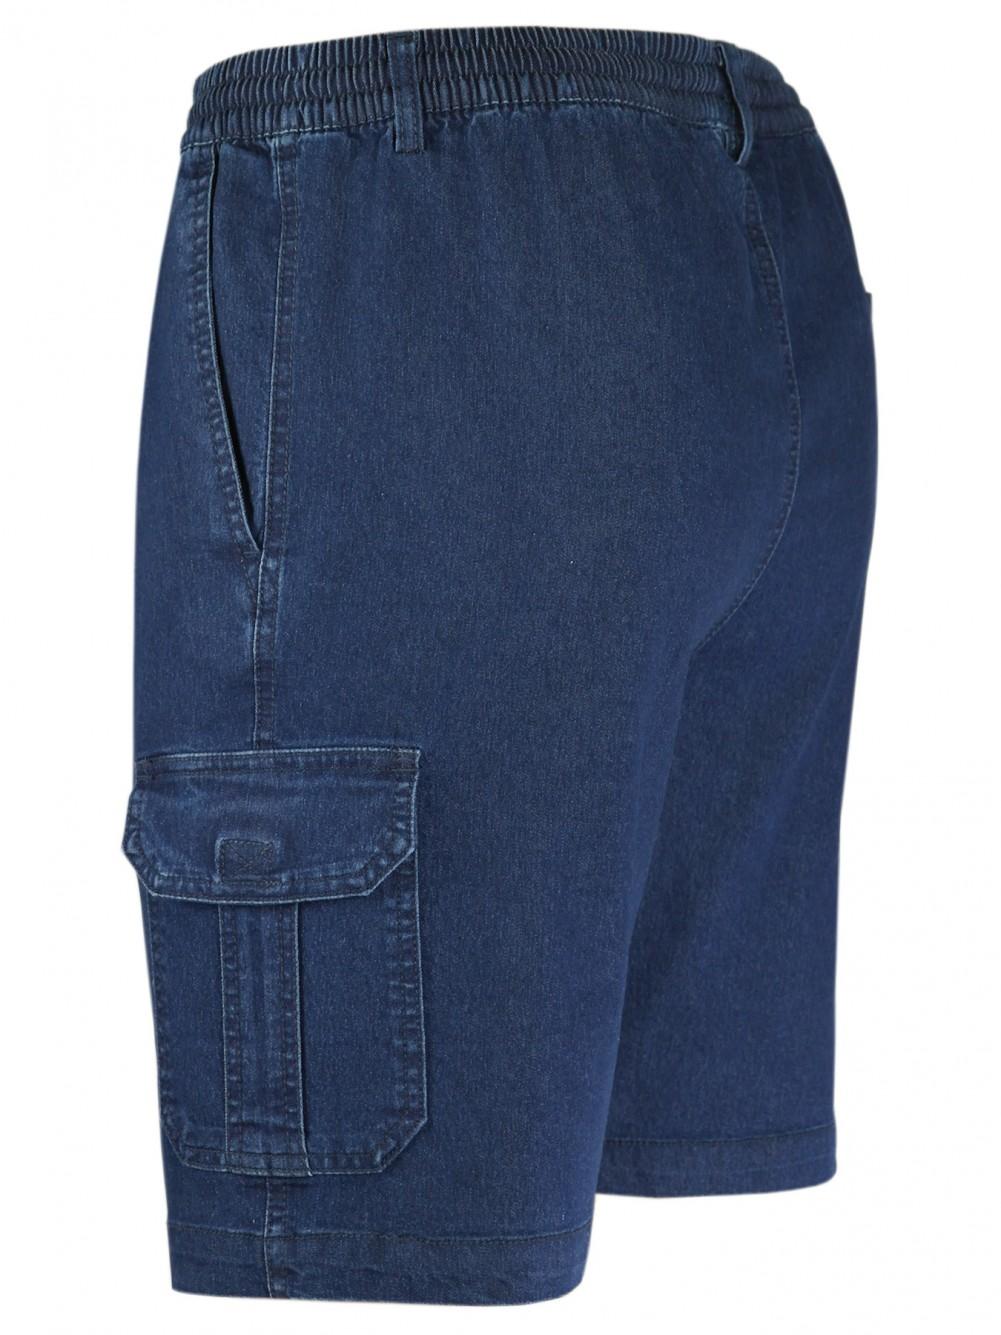 Herren Stretch Jeans-Shorts mit Schlupfbund - DarkBlue/Seitenansicht